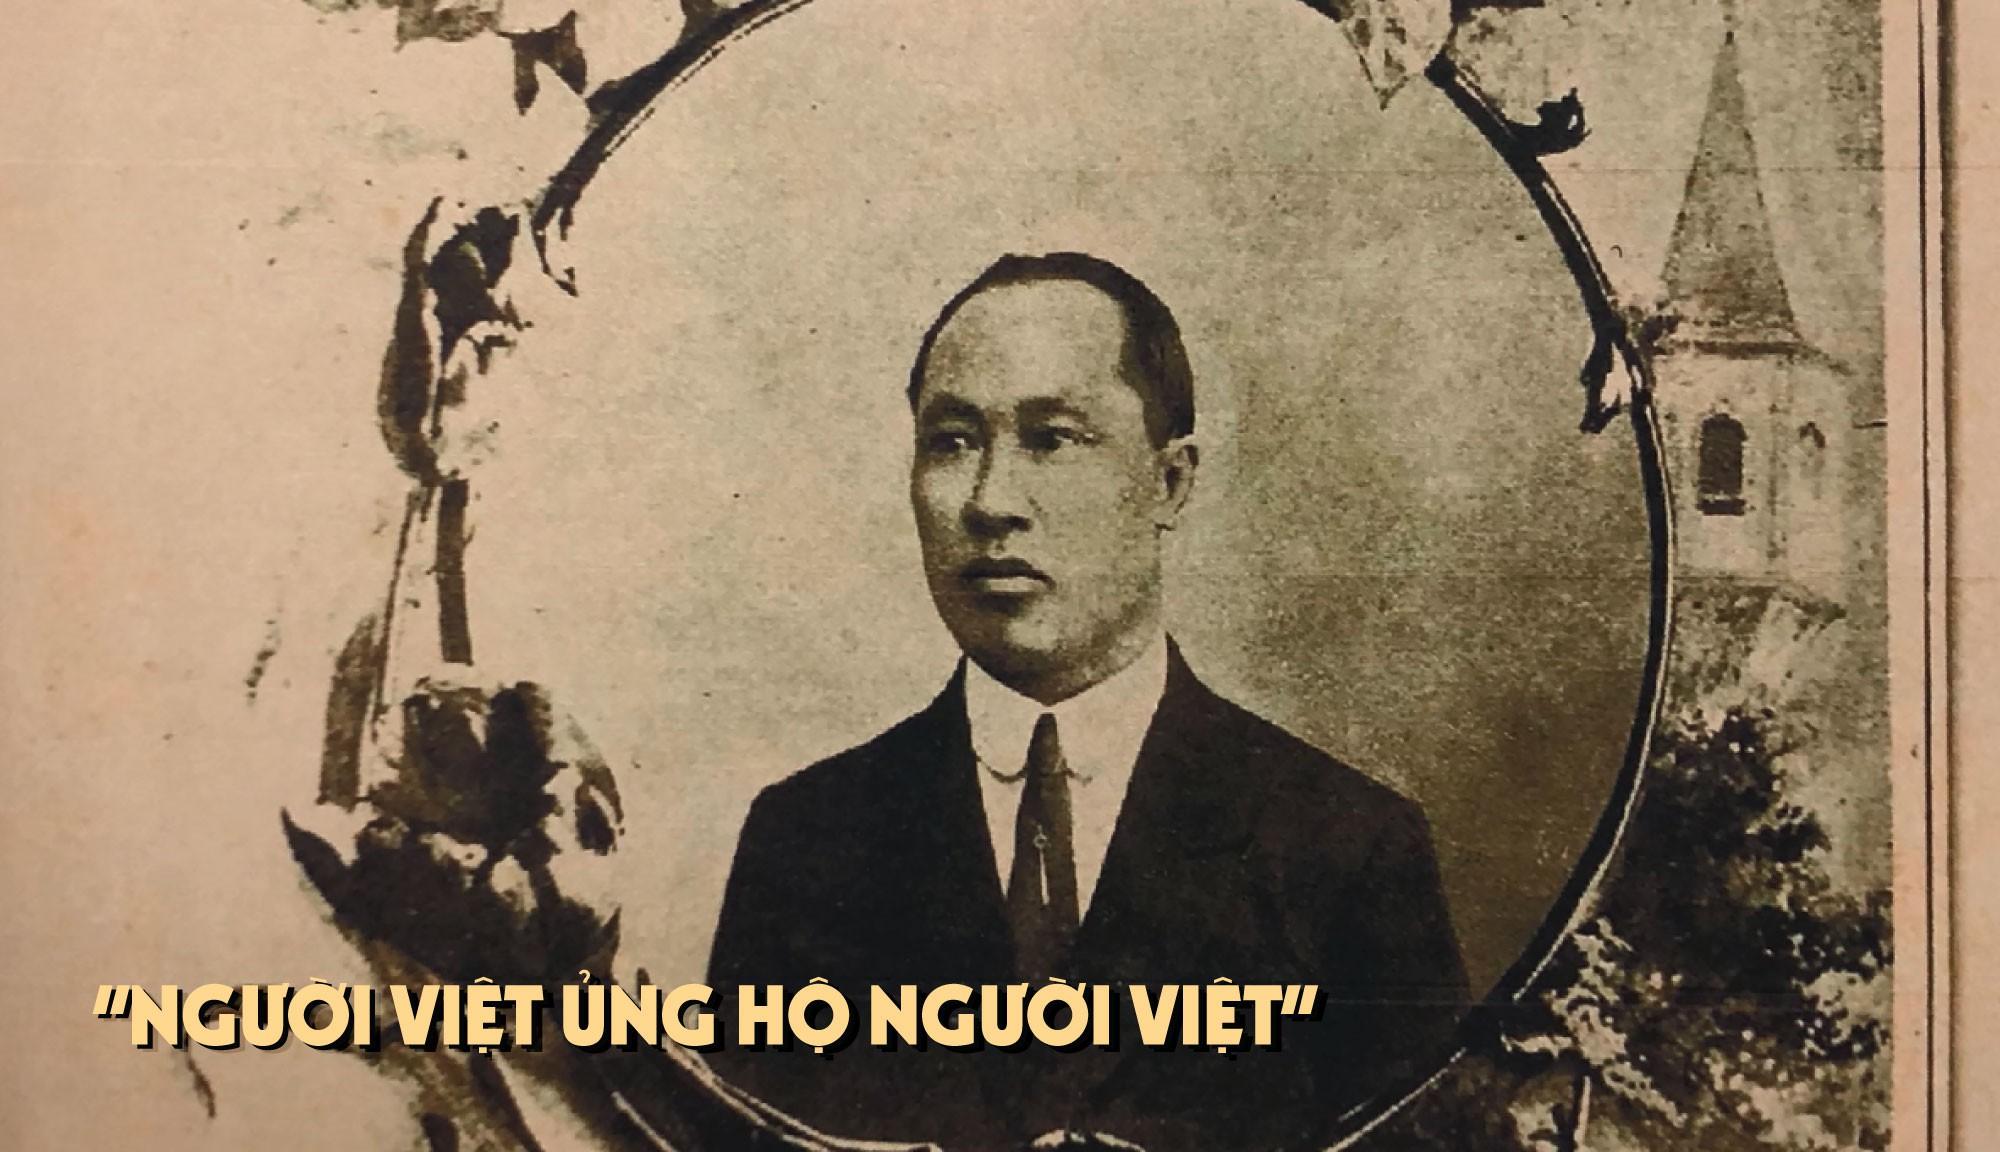 Bạch Thái Bưởi: Từ 2 hai bàn tay trắng đến huyền thoại doanh nhân đất Việt - Ảnh 4.